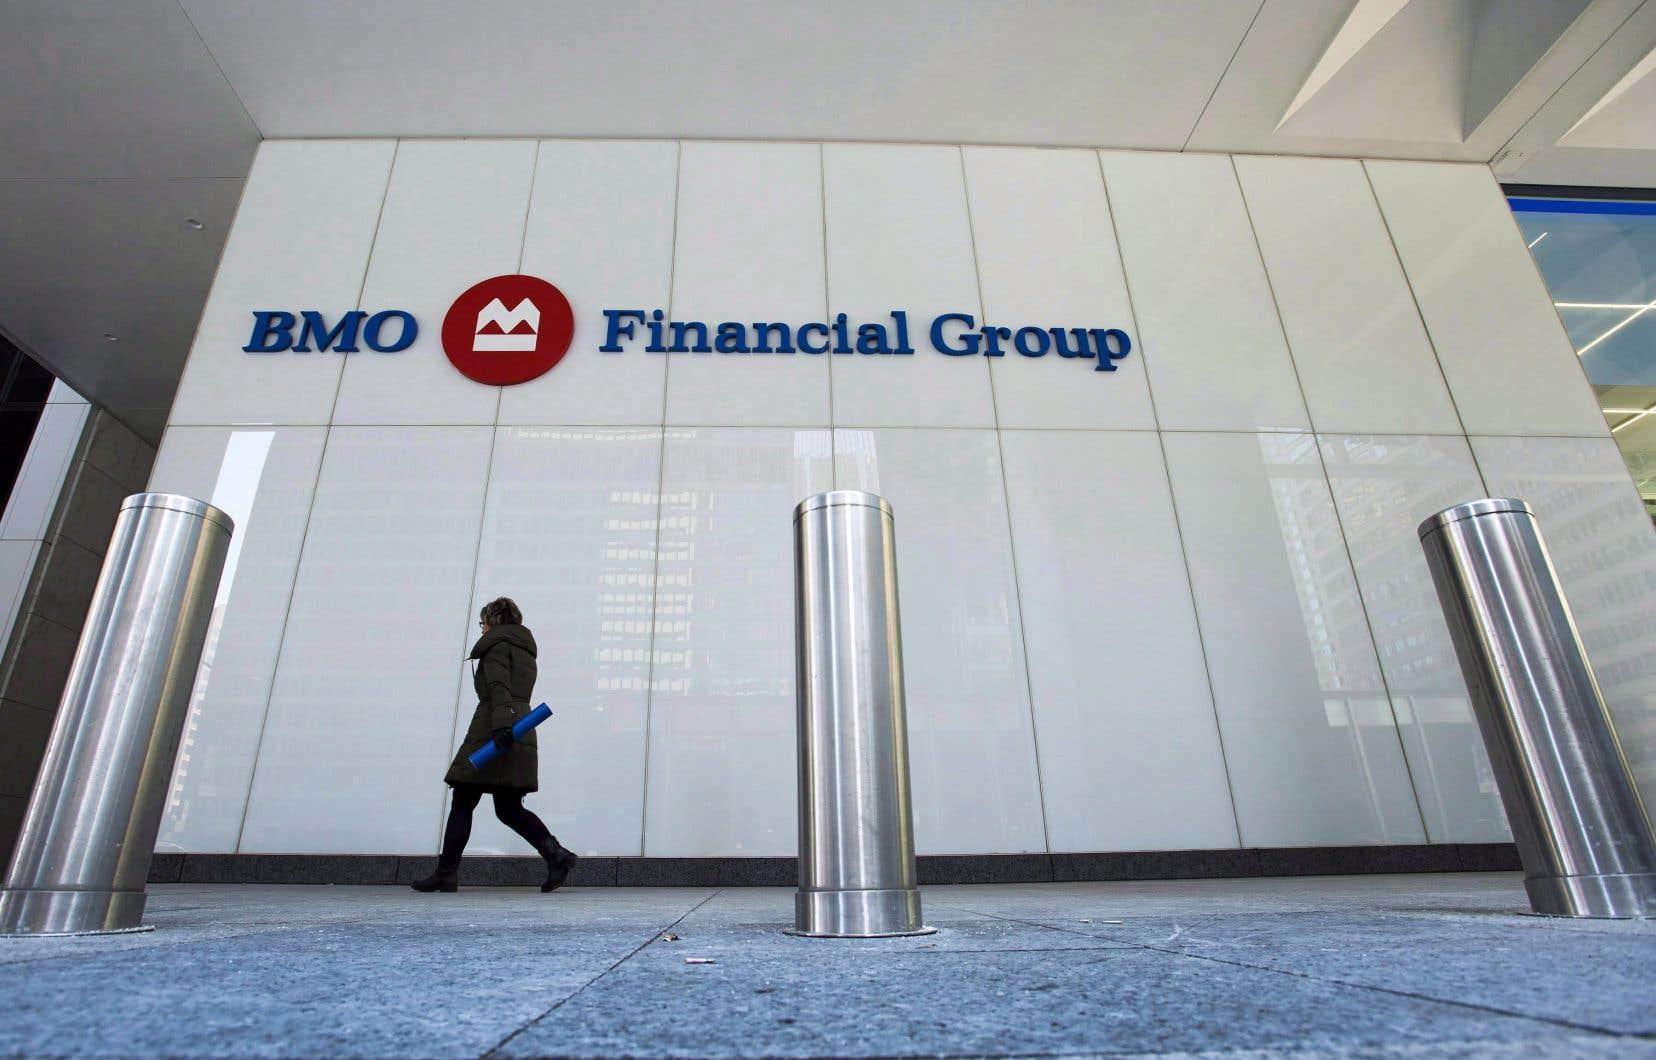 Les activités américaines de la Banque de Montréal représentent plus de 25% de ses profits totaux, qui continuent à croître plus rapidement que les autres divisions de l'institution.